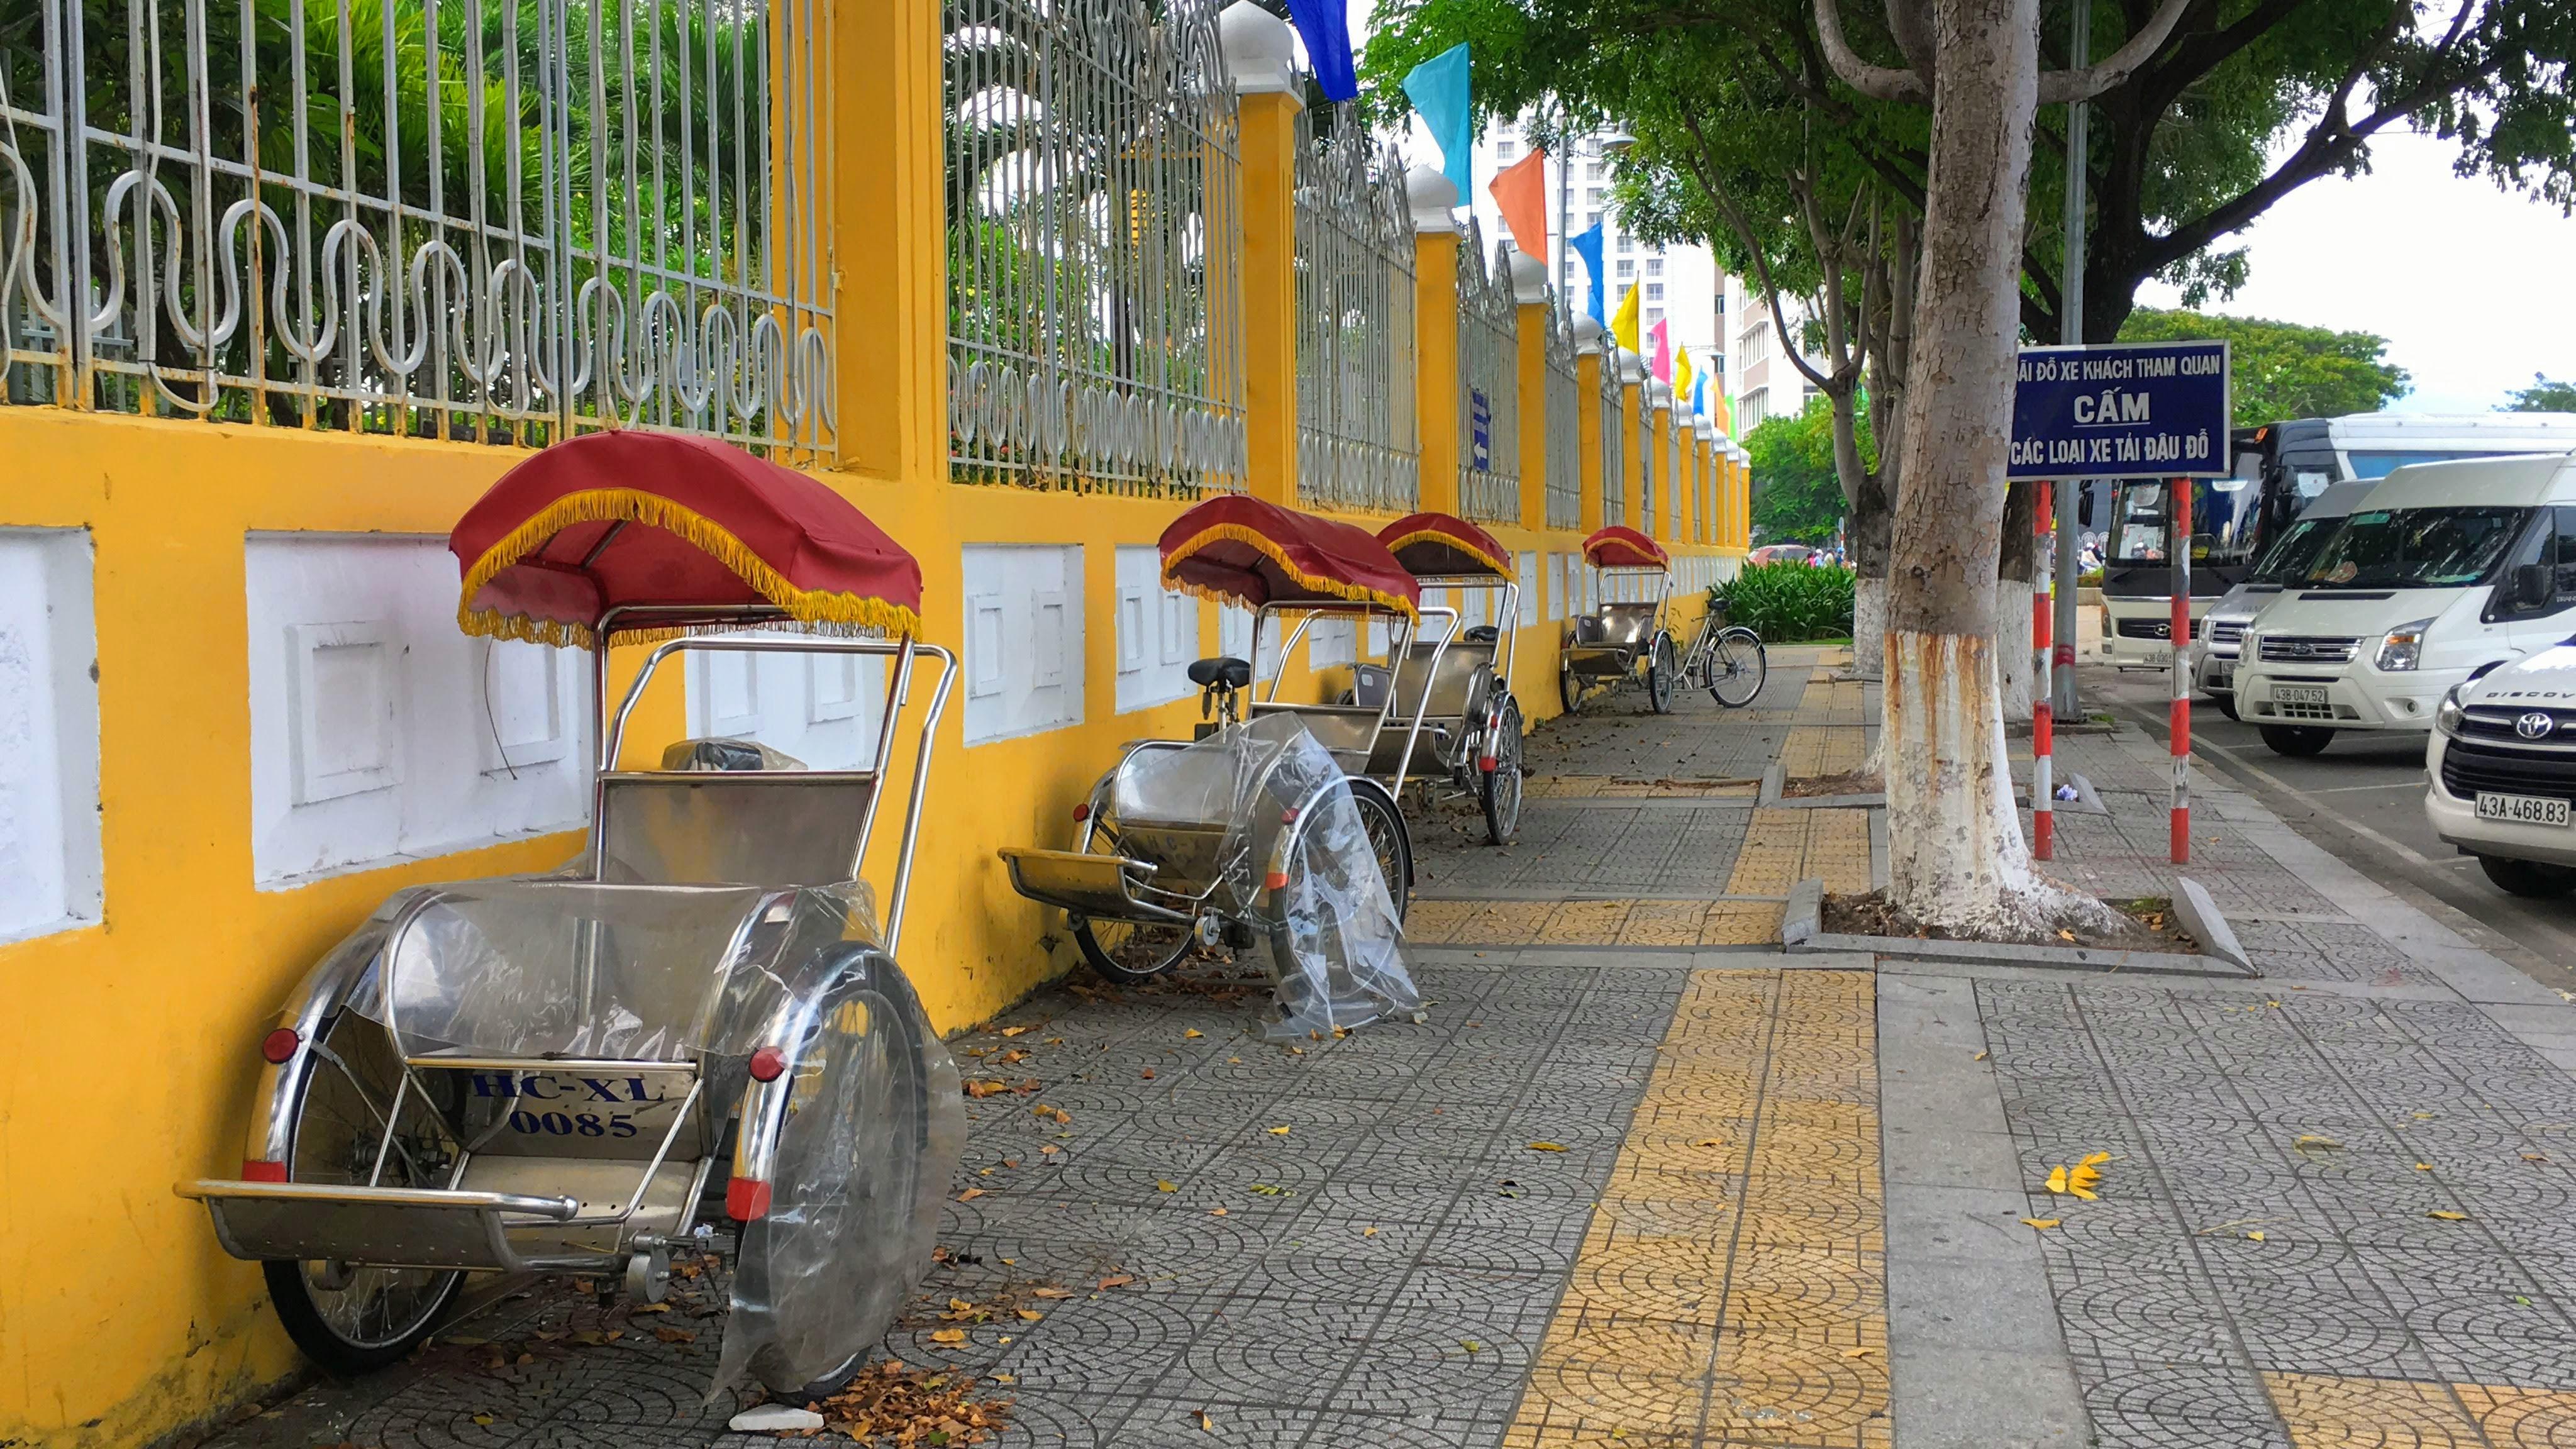 Các điểm du lịch nức tiếng Đà Nẵng trước kì nghỉ lễ 30/4 và 1/5 - Ảnh 12.